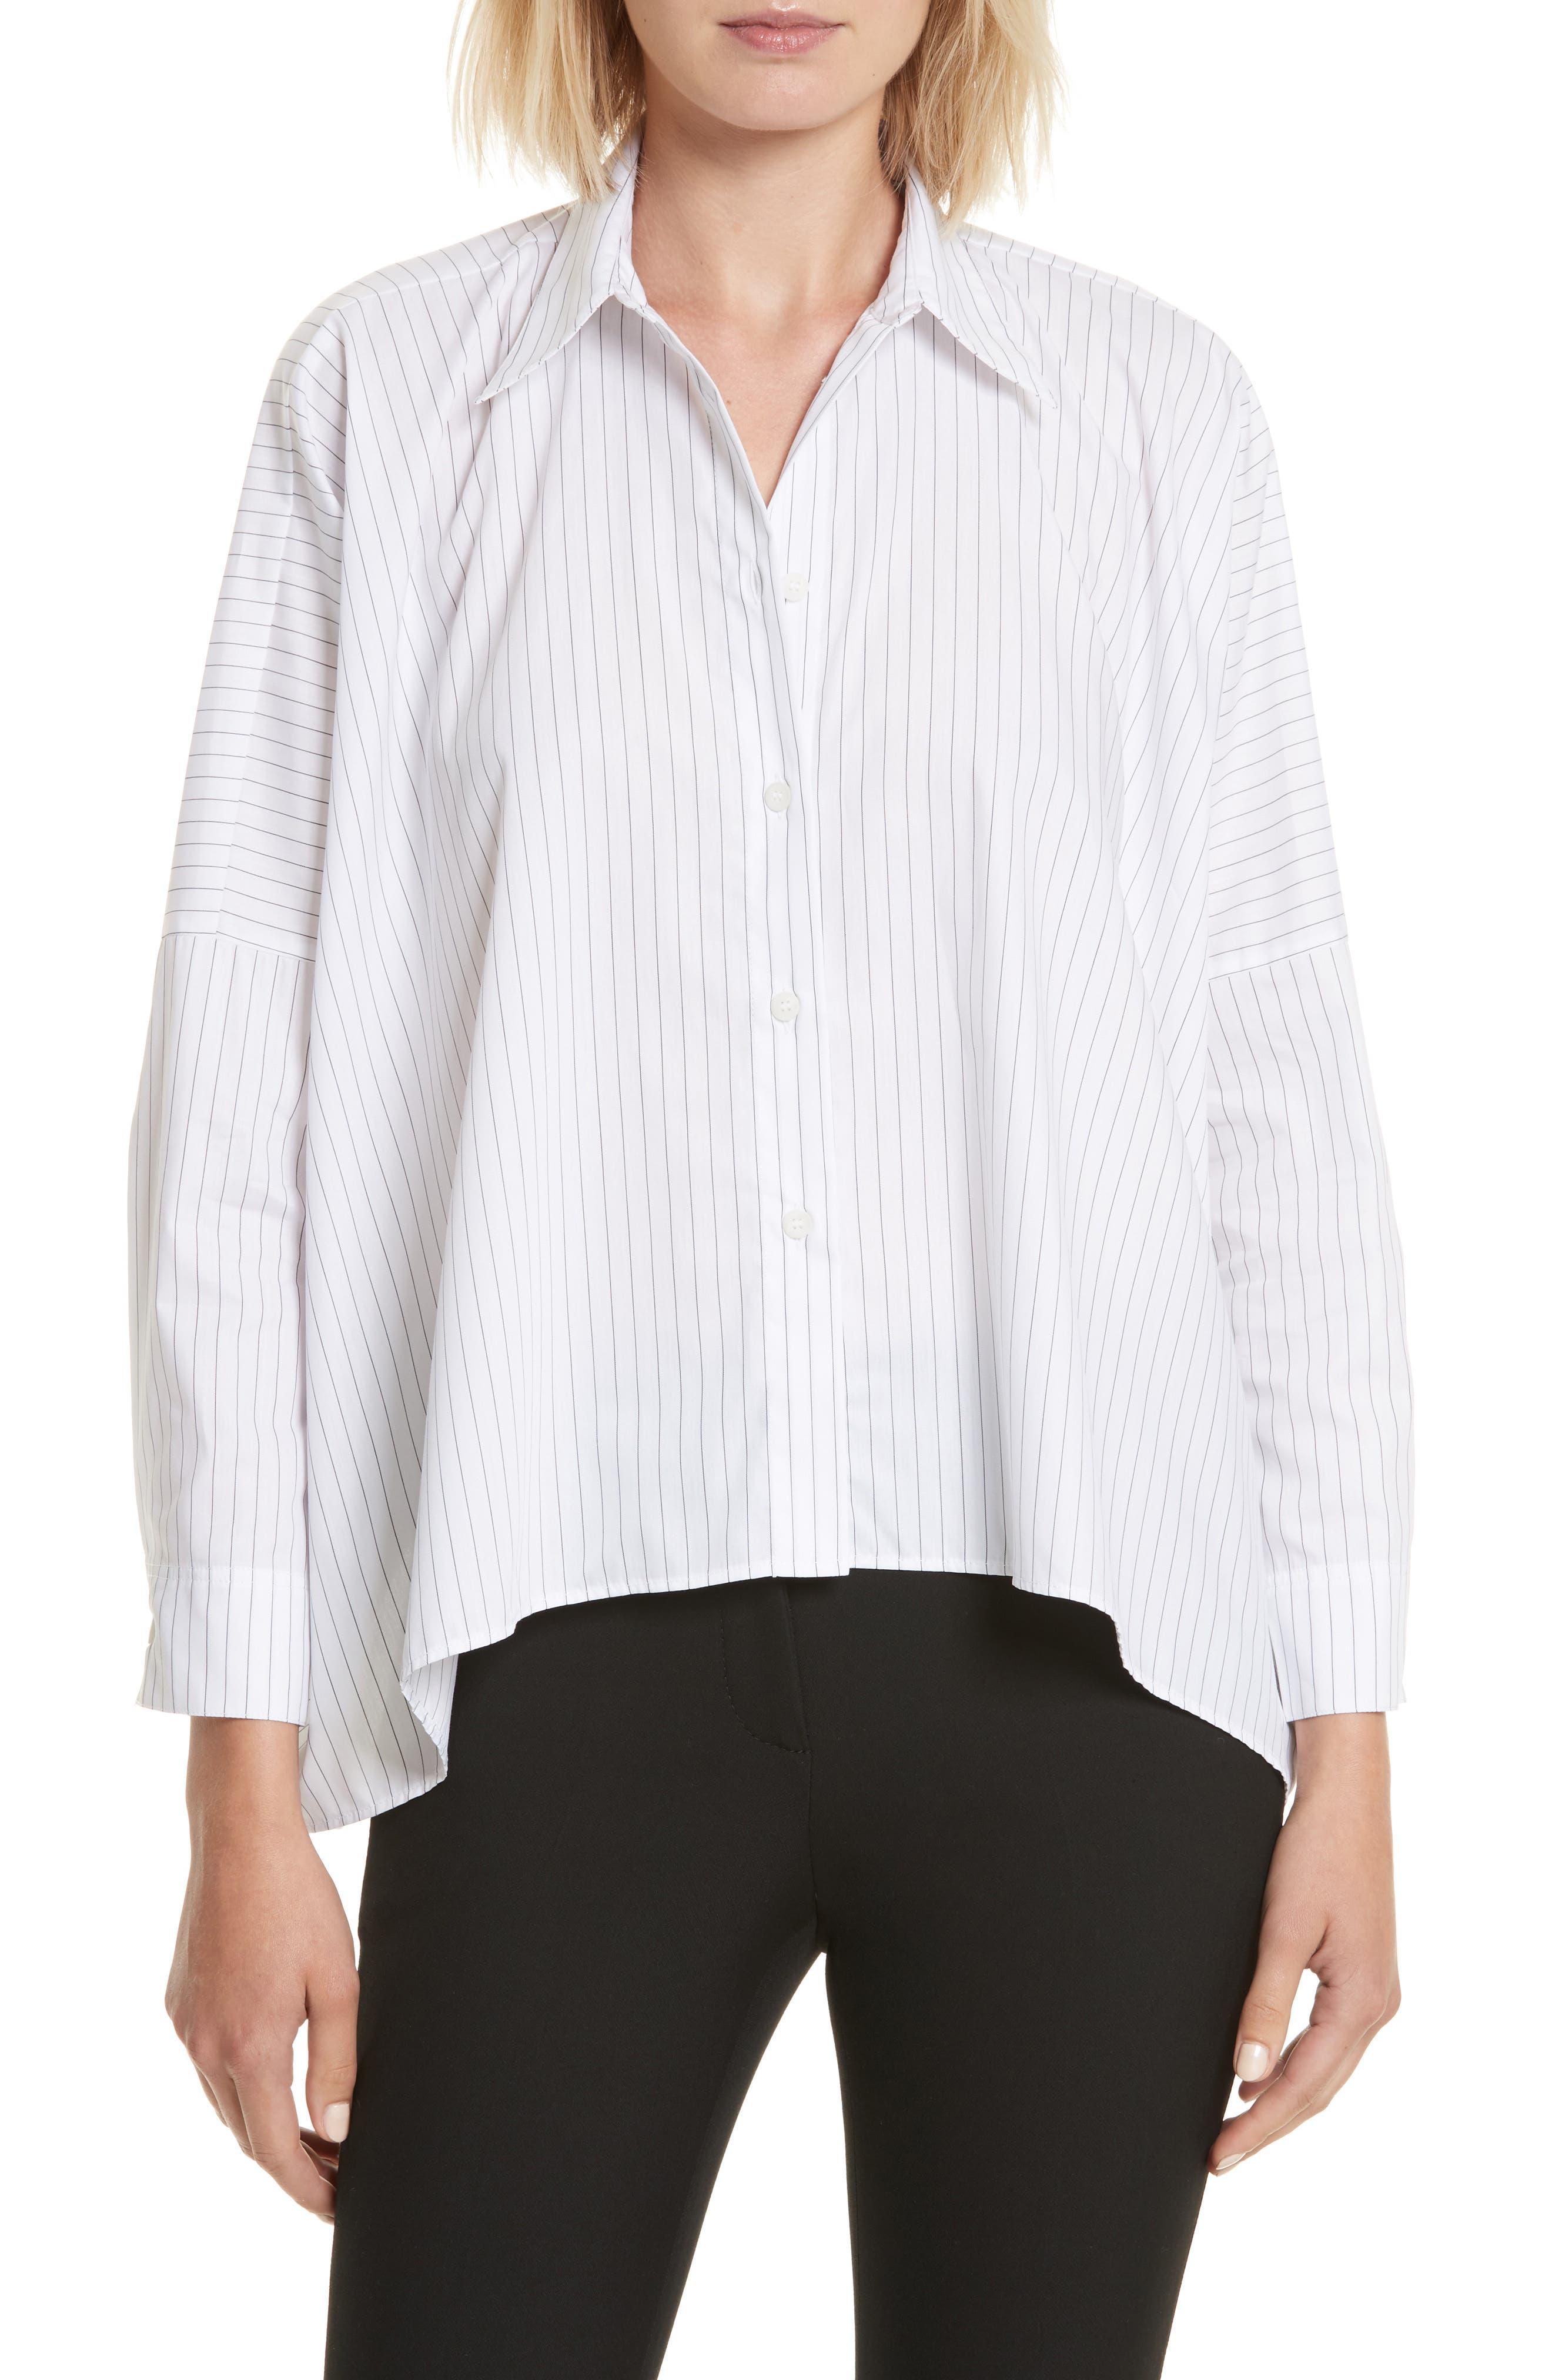 Stripe Poplin Top,                         Main,                         color, White/ Black Stripe